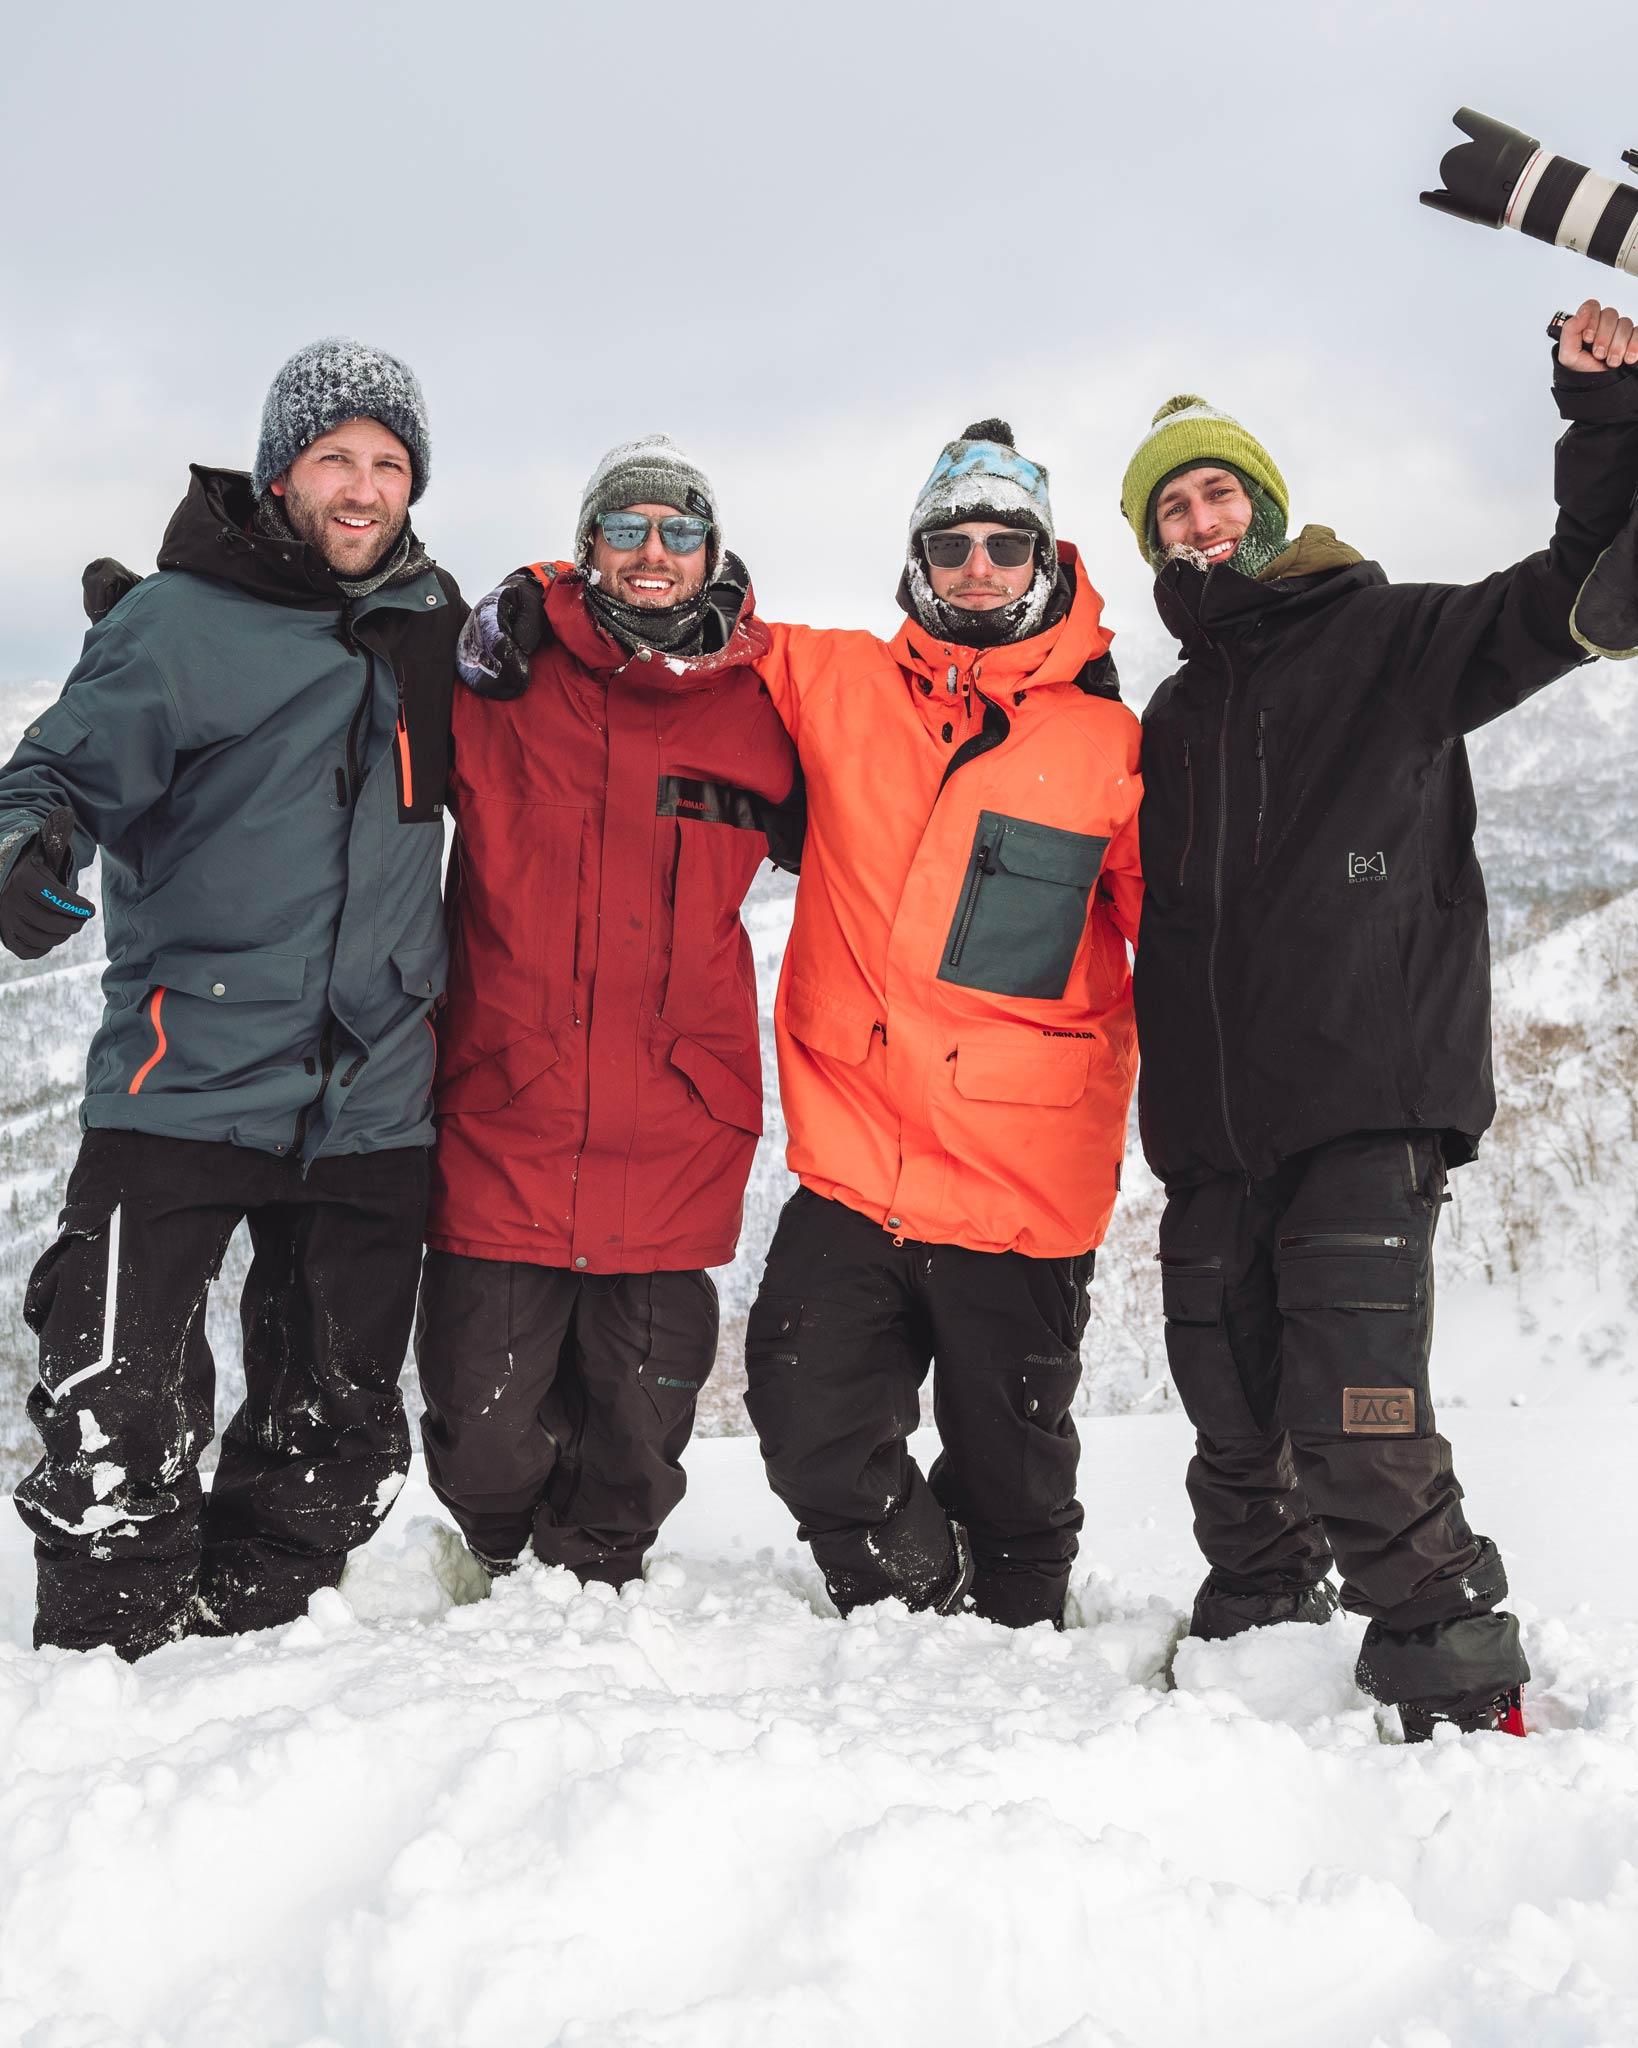 Die Crew: Matthias Fritzenwallner, Josh Absenger, Daniel Maurer und Sebastian Höllwart (v.l.n.r.)